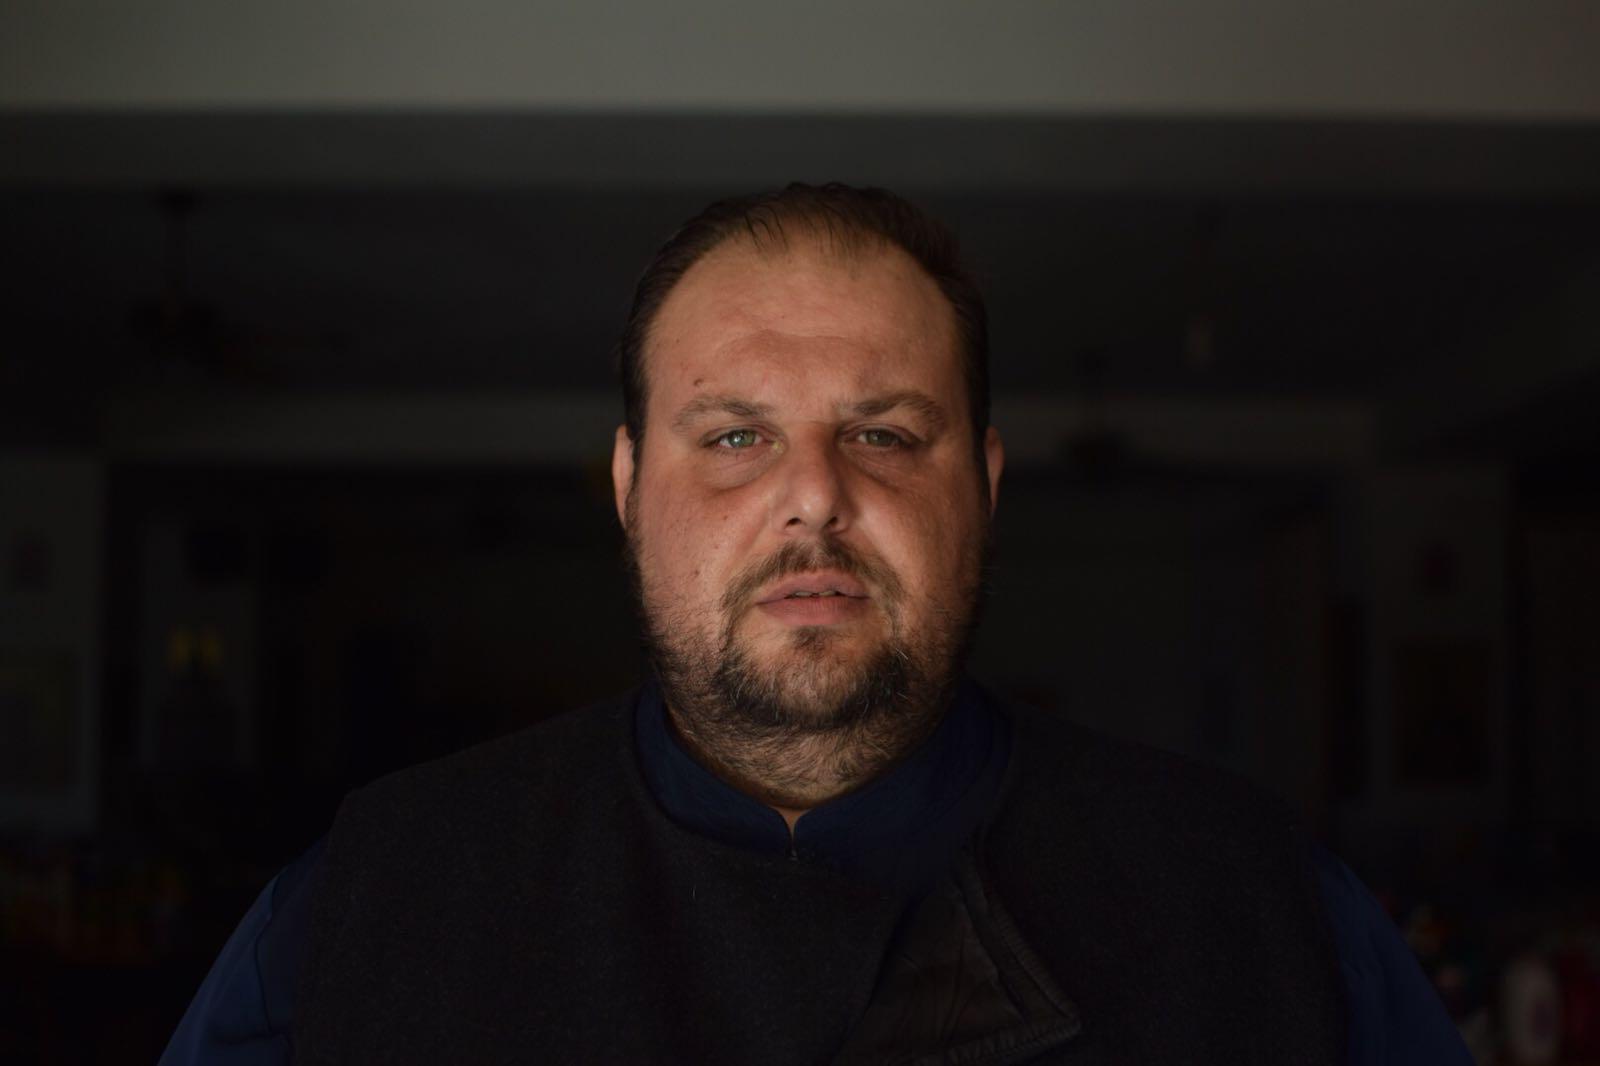 CORESPONDENȚĂ DIN GRECIA/ În fața lui Dumnezeu, dar ascuns de oameni, preotul Dimitris plânge. Se pregătește să-și înmormânteze 40 de enoriași